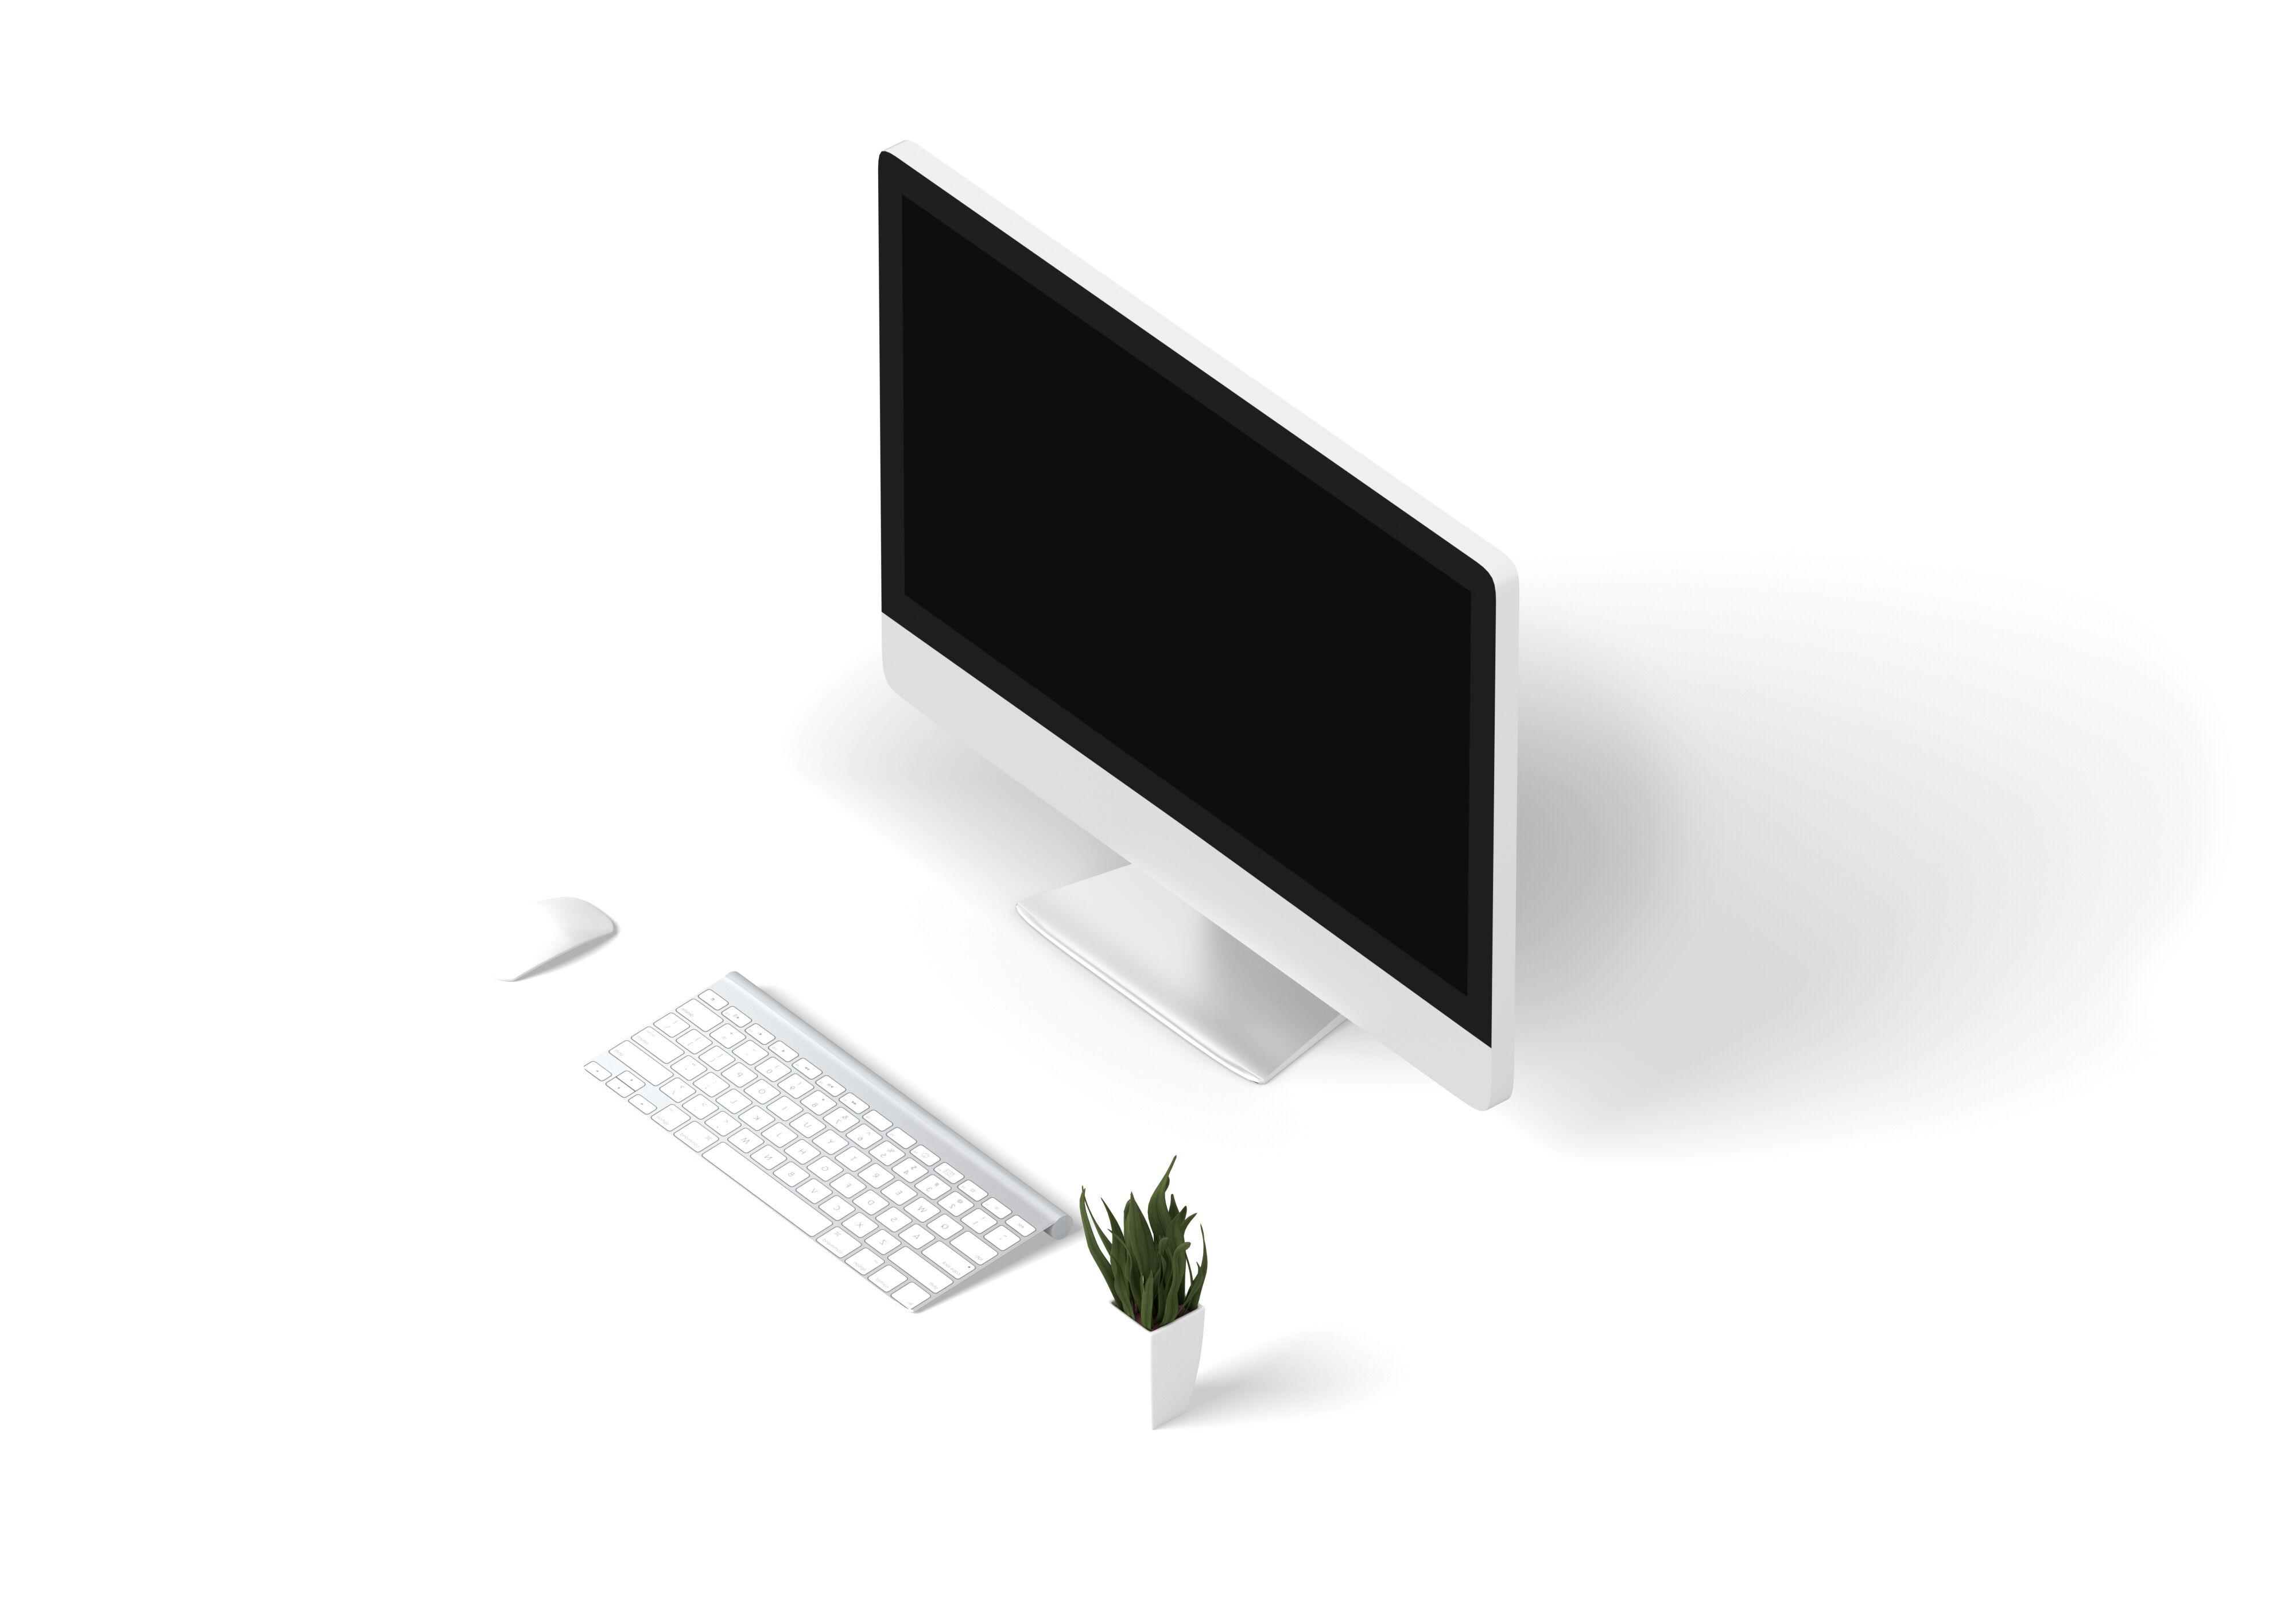 Mockup écran d'ordinateur